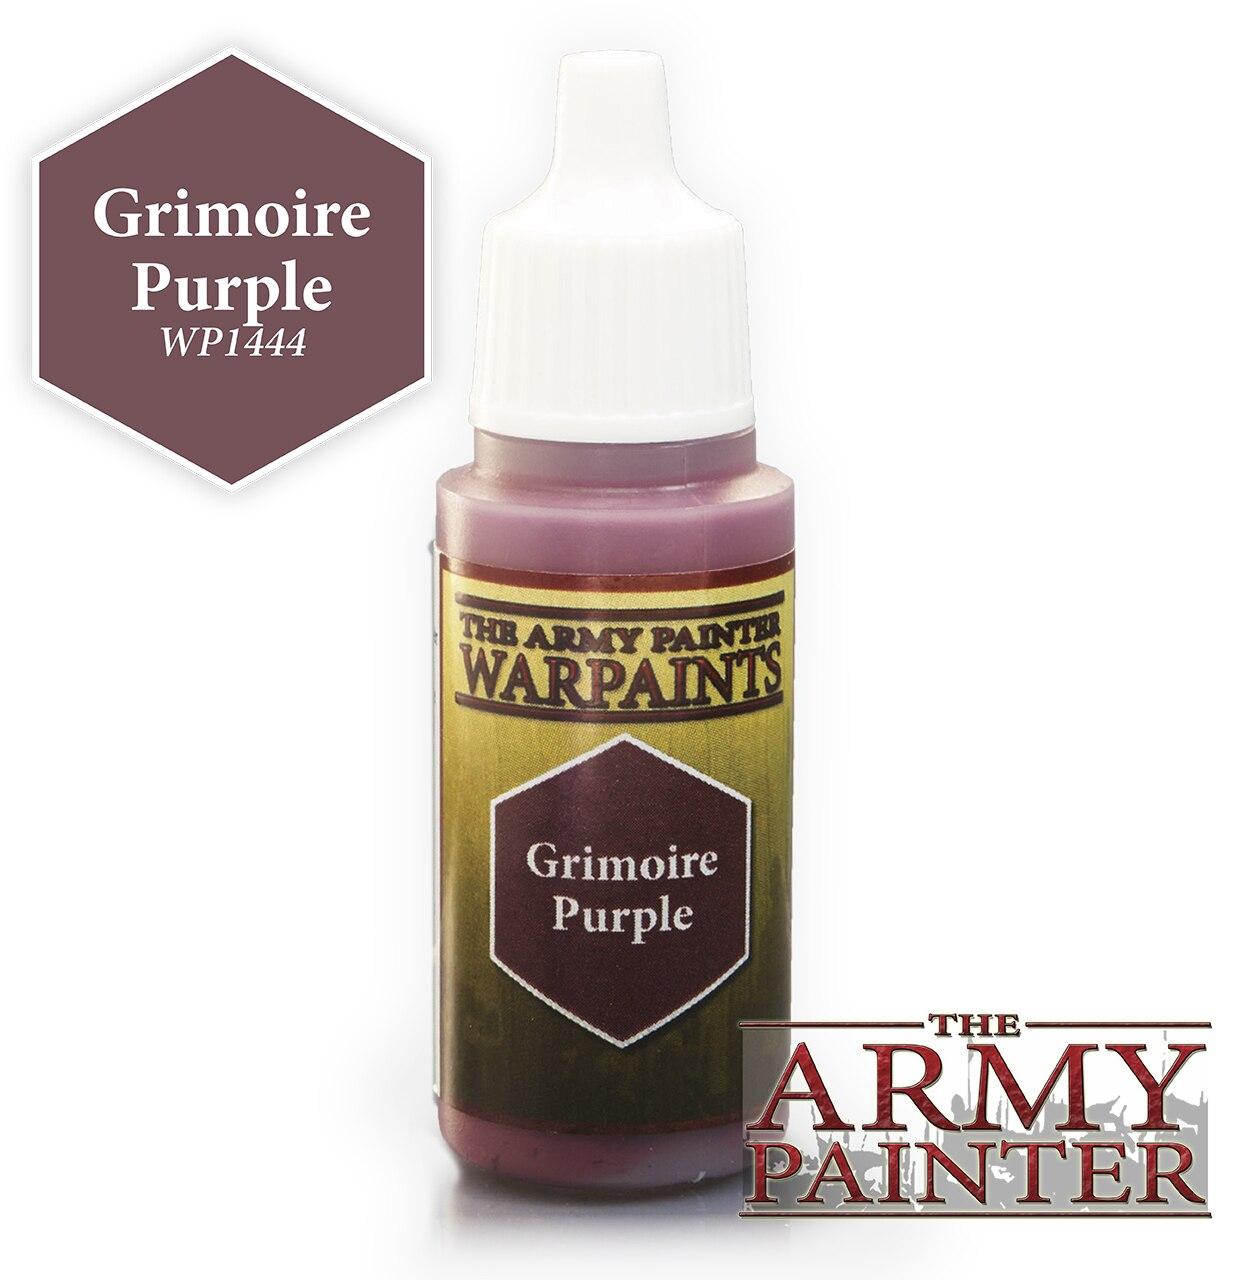 Army Painter Warpaint - Grimoire Purple